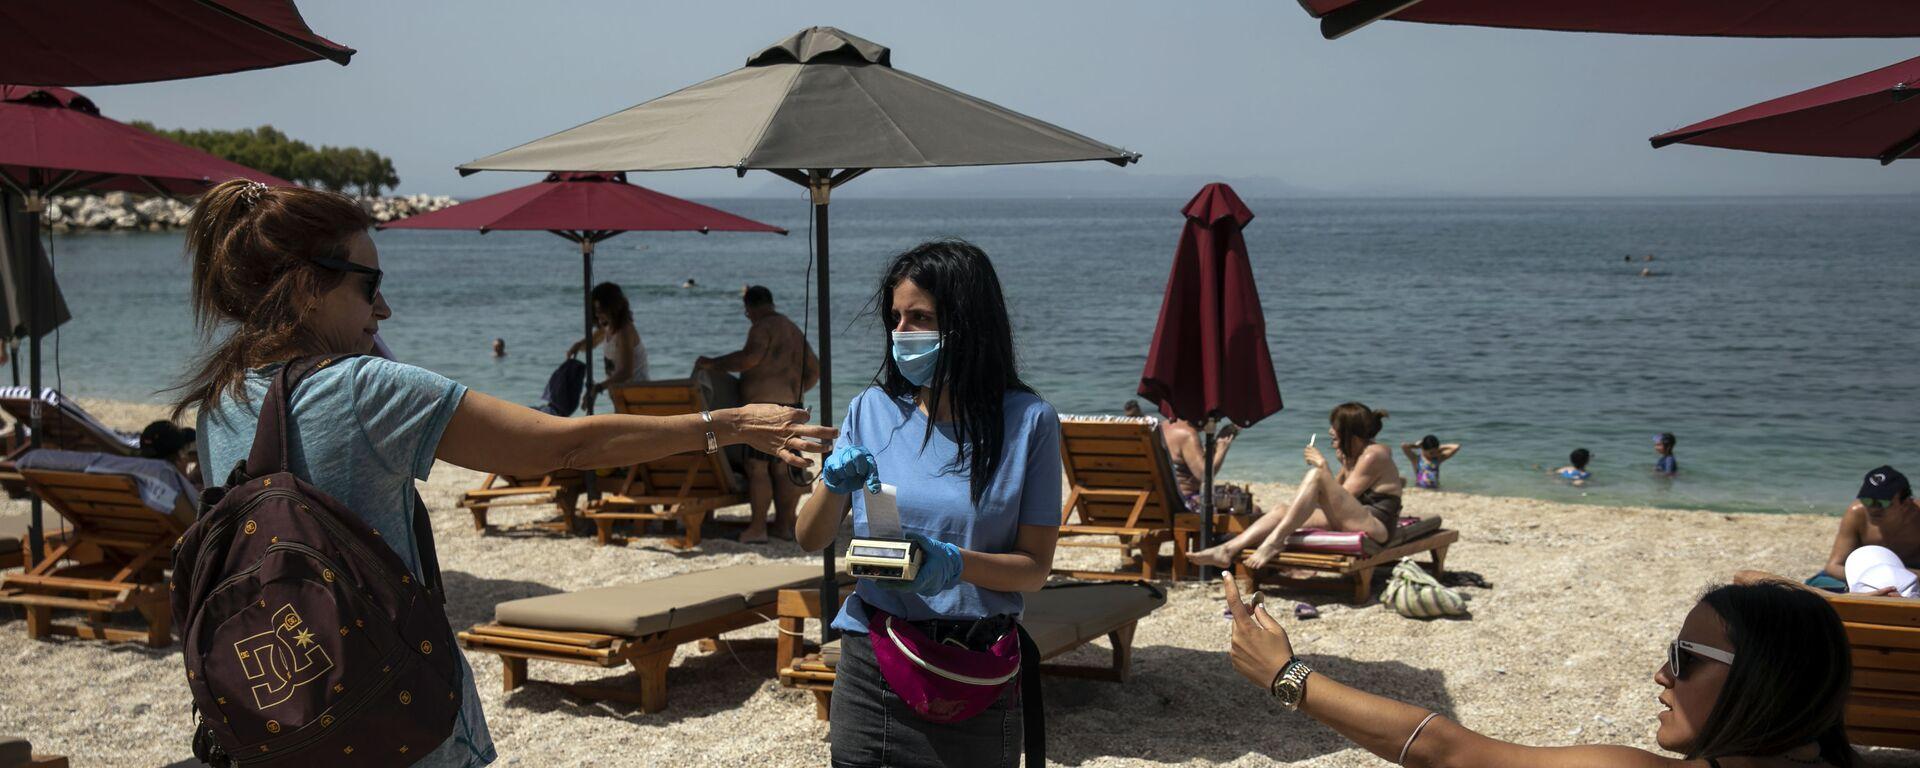 Отдыхающие во время аренды шезлонгов на пляже в Греции   - Sputnik Латвия, 1920, 19.04.2021